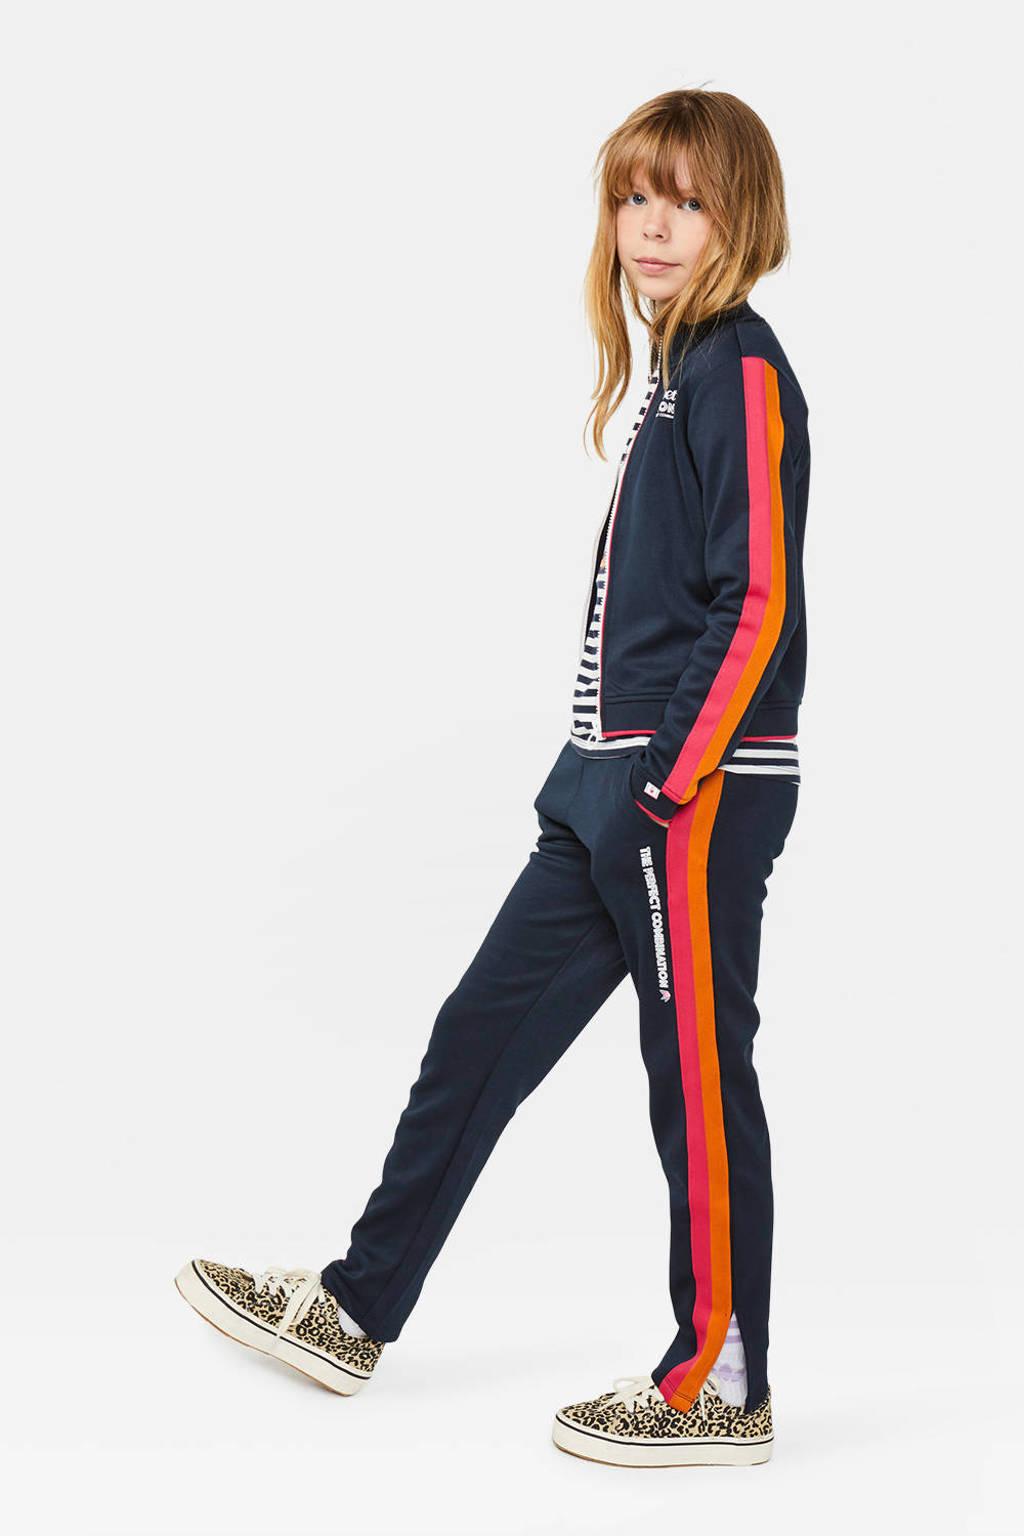 WE Fashion tapered fit broek met zijstreep donkerblauw/roze/oranje, Donkerblauw/roze/oranje